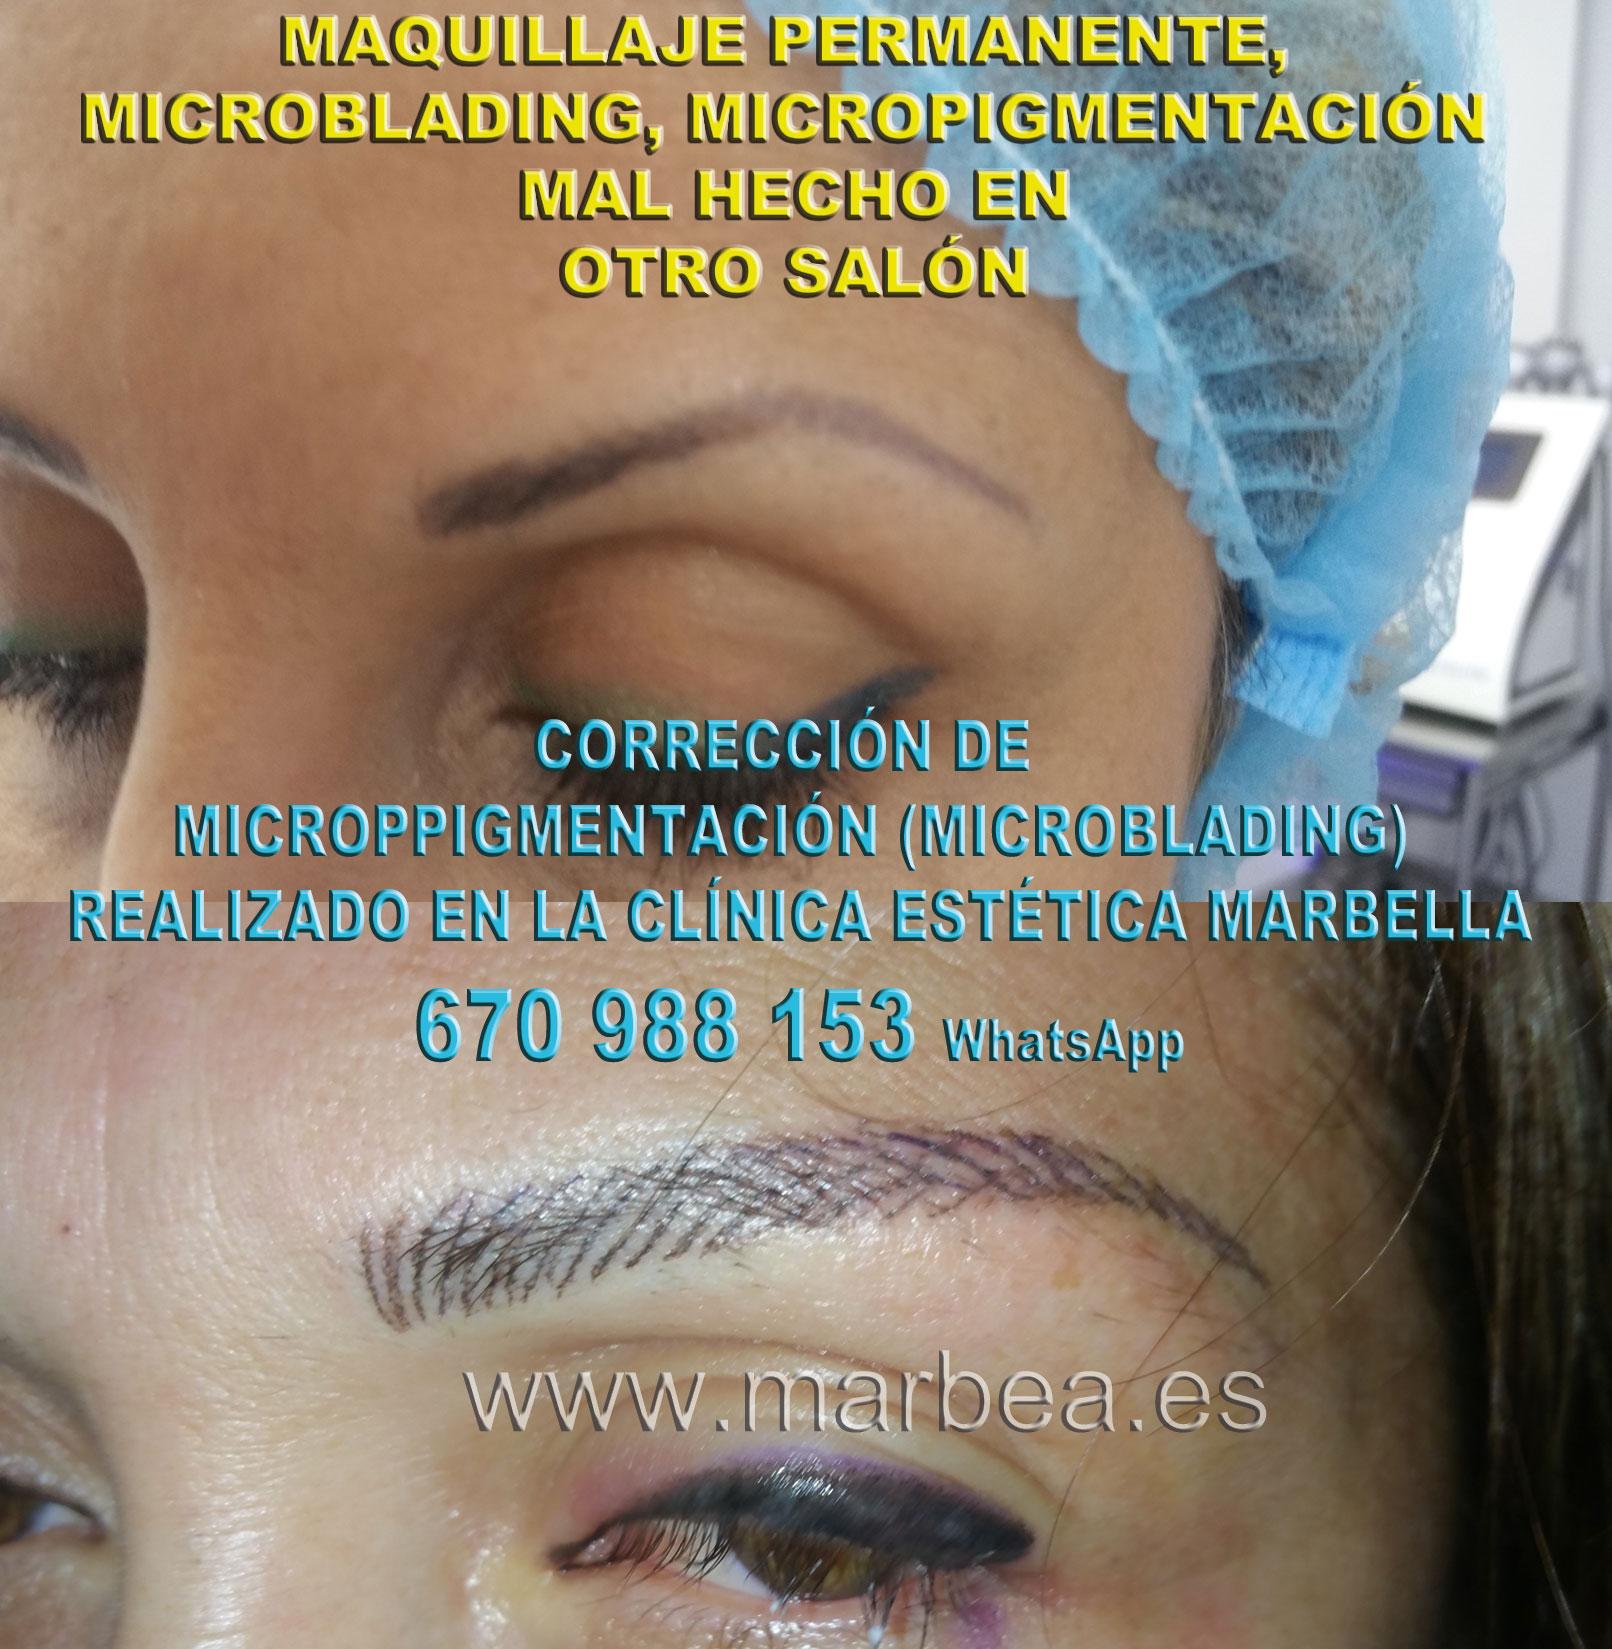 MAQUILLAJE PERMANENTE CEJAS MAL HECHO clínica estética tatuaje ofrenda corrección de micropigmentación en cejas,corregir micropigmentación no deseada